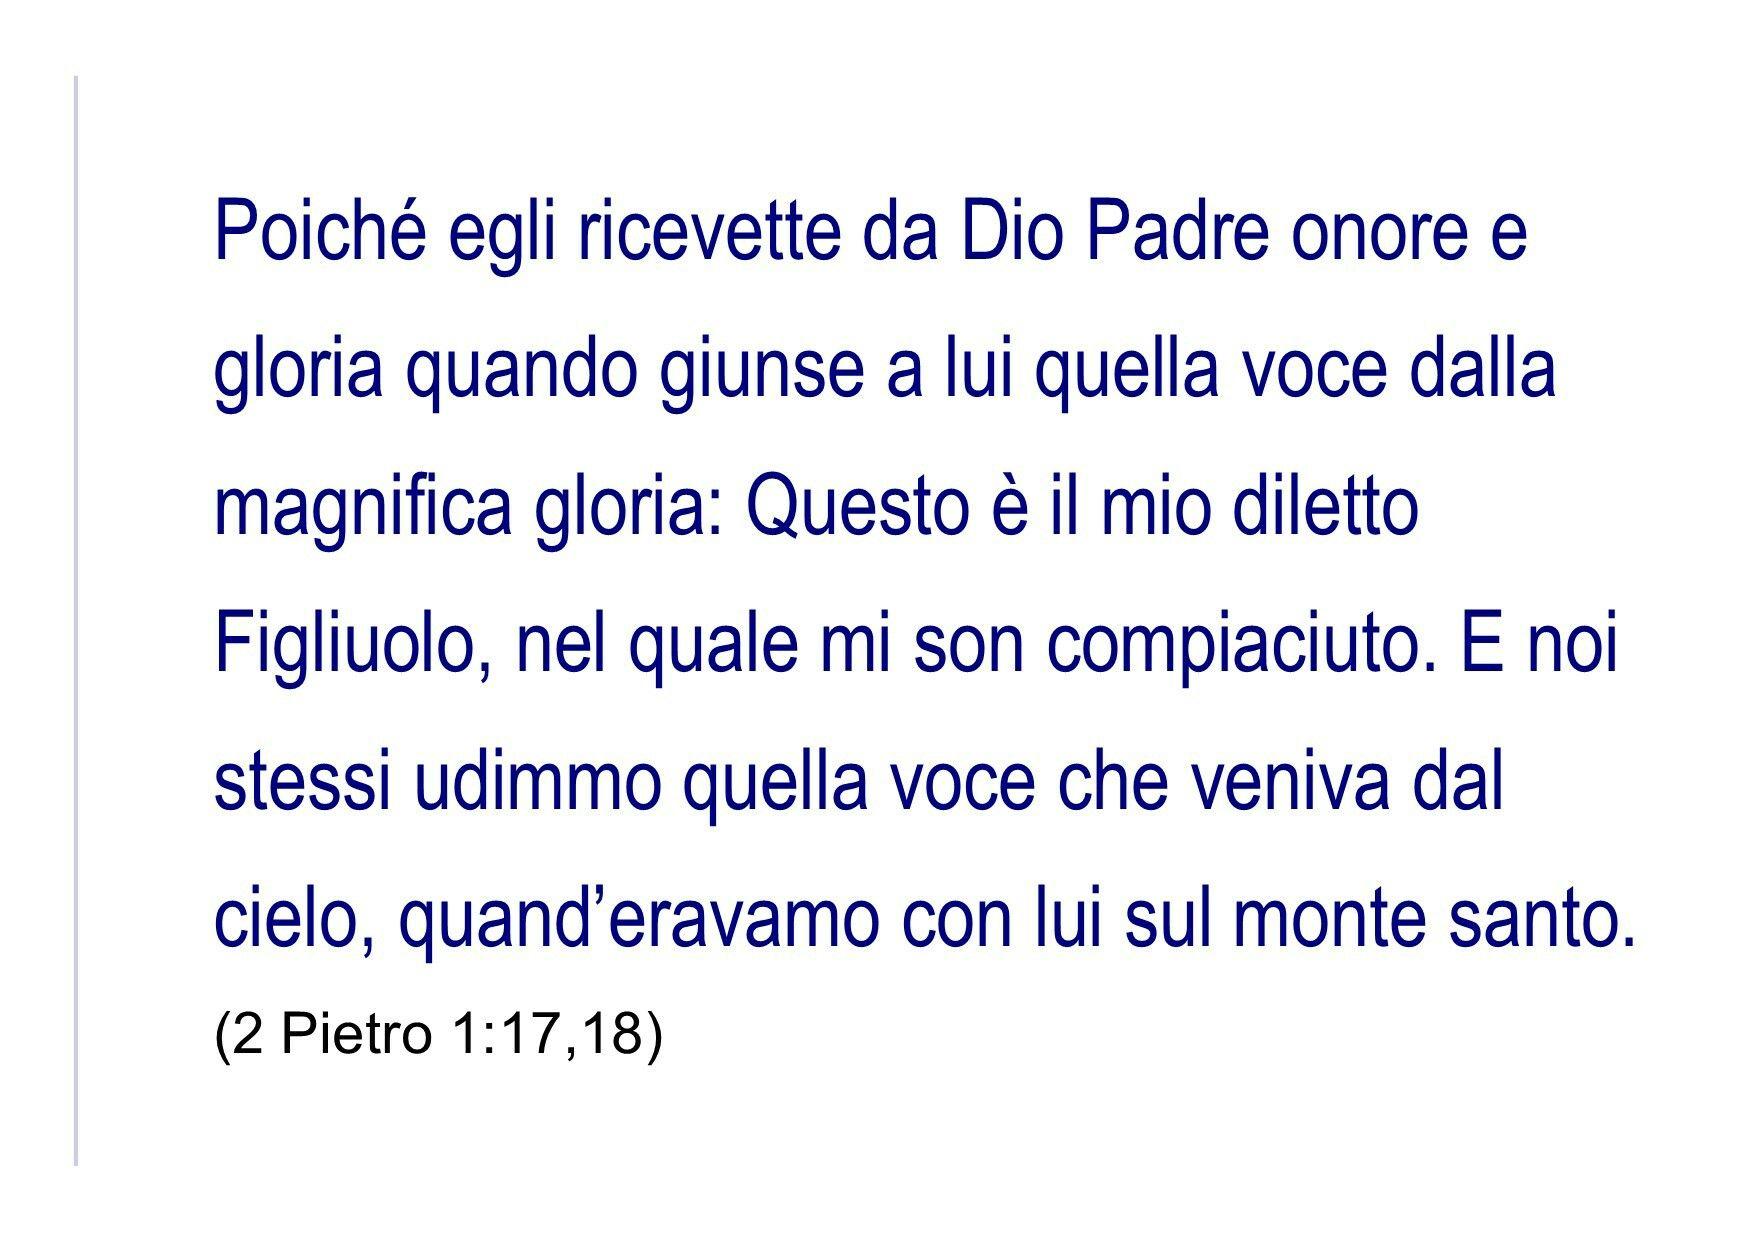 Poiché egli ricevette da Dio Padre onore e gloria quando giunse a lui quella voce dalla magnifica gloria: Questo è il mio diletto Figliuolo, nel quale mi son compiaciuto. E noi stessi udimmo quella voce che veniva dal cielo, quand'eravamo con lui sul monte santo. (2 Pietro 1:17,18)